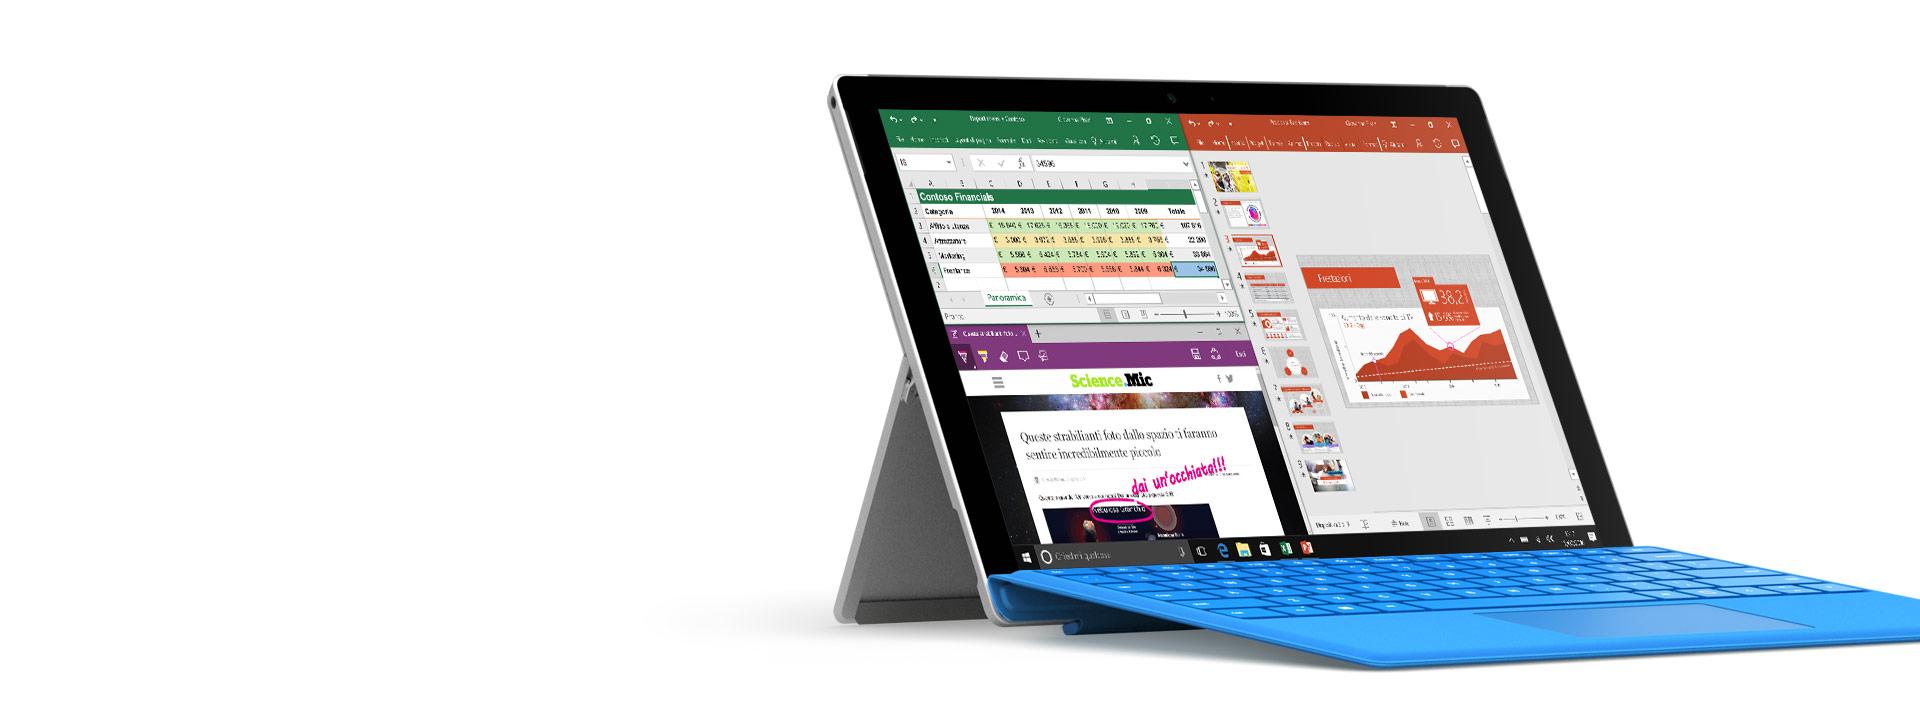 Surface Pro 4 con Office sullo schermo